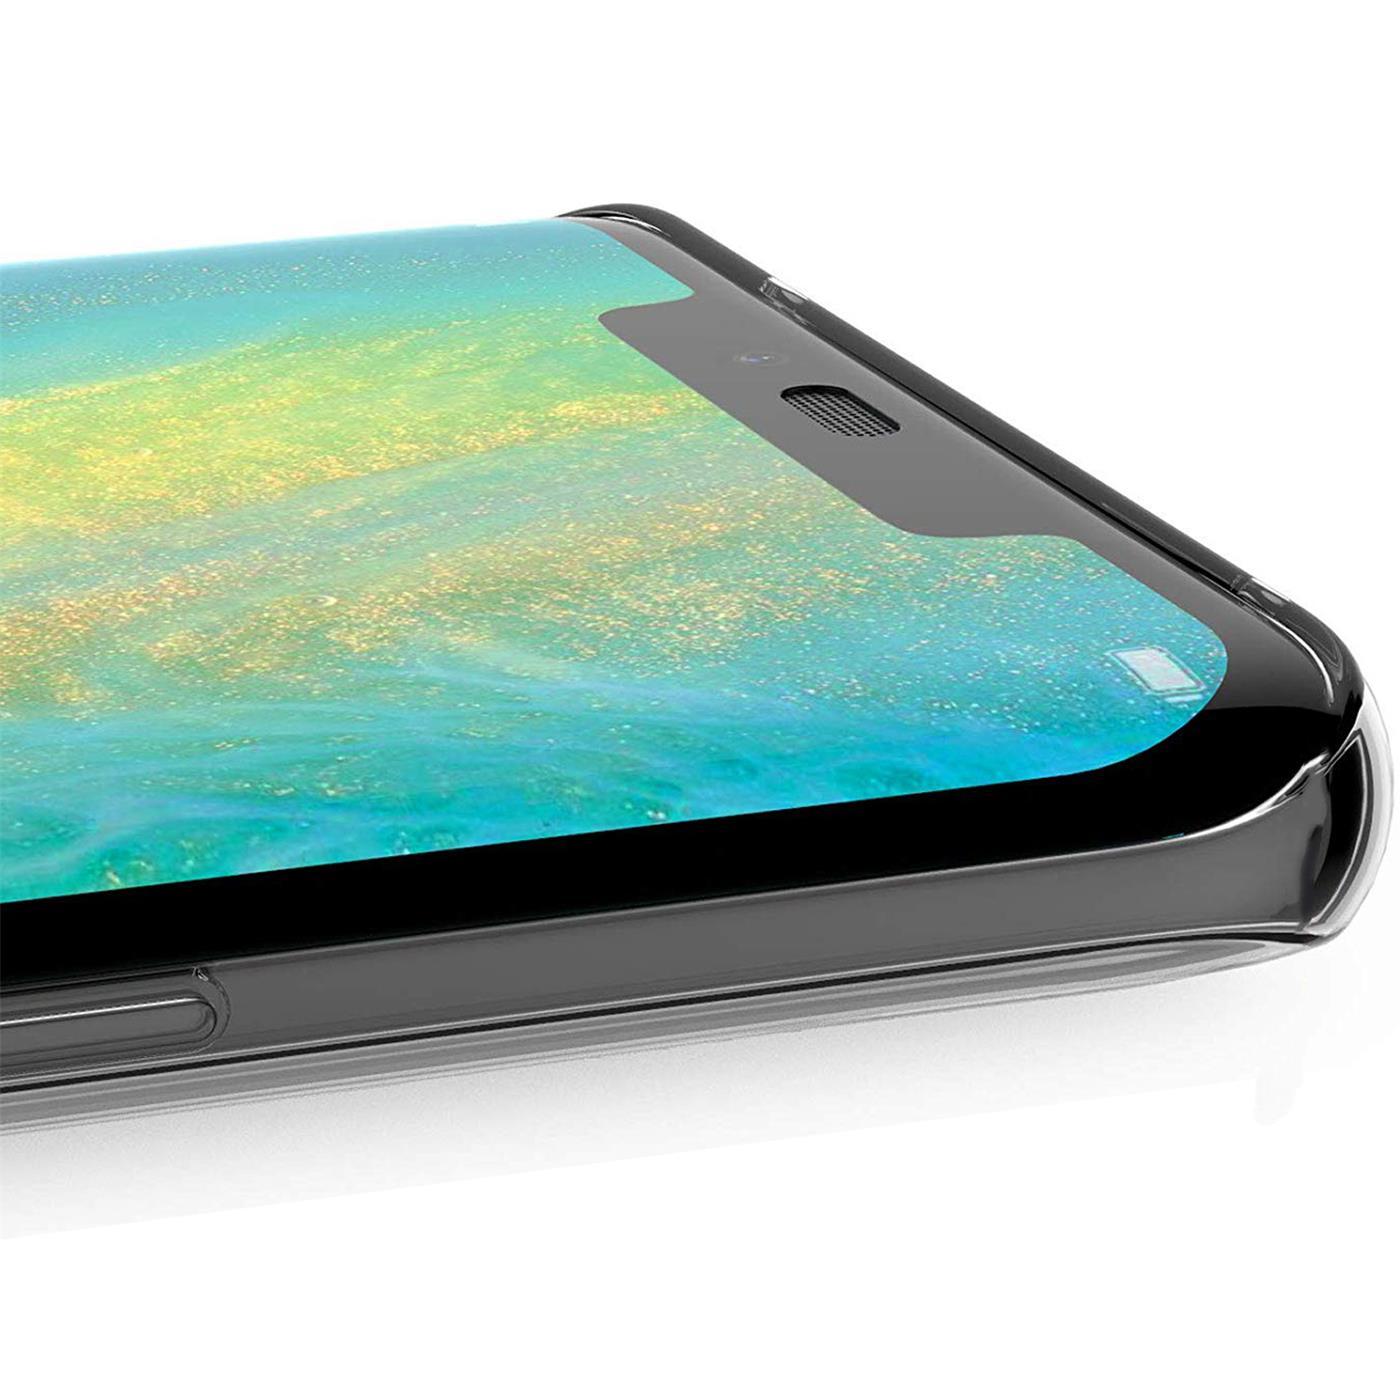 Huawei-P30-Lite-Motiv-Handy-Huelle-Silikon-Tasche-Schutzhuelle-Cover-Slim-TPU-Case Indexbild 38